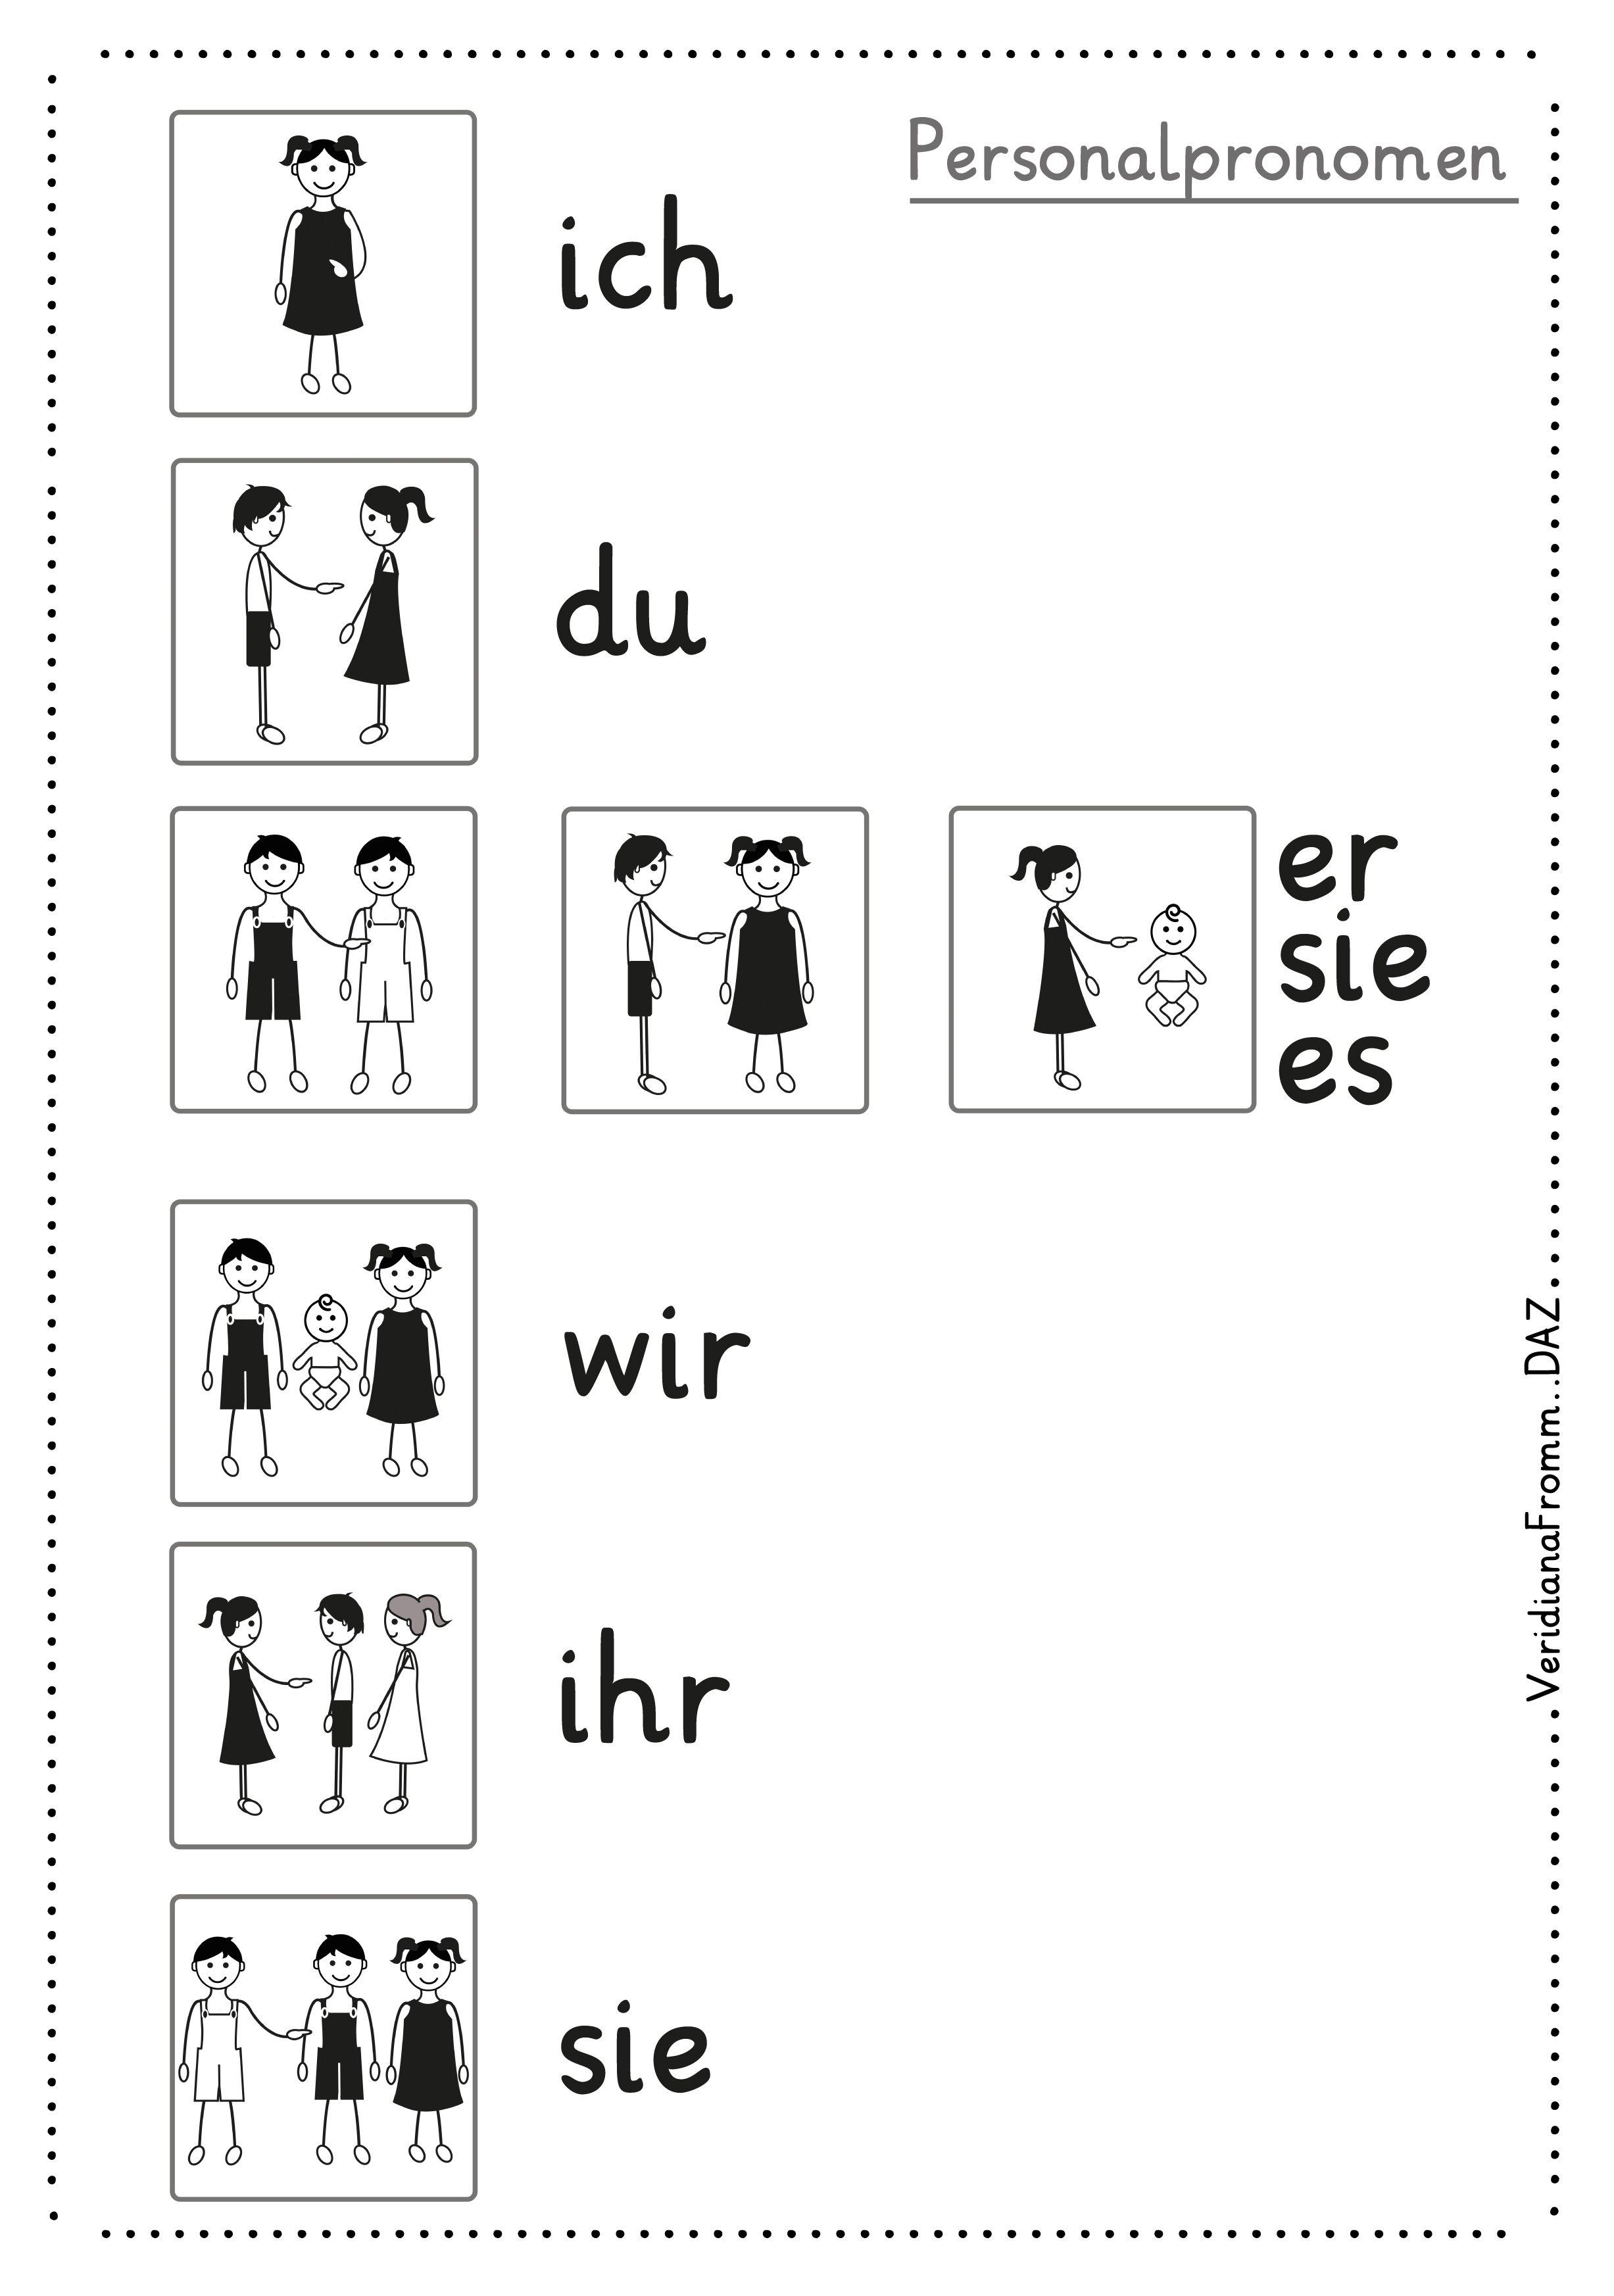 personel pronouns, pronom personnel, Personalpronomen mit Bildern ...